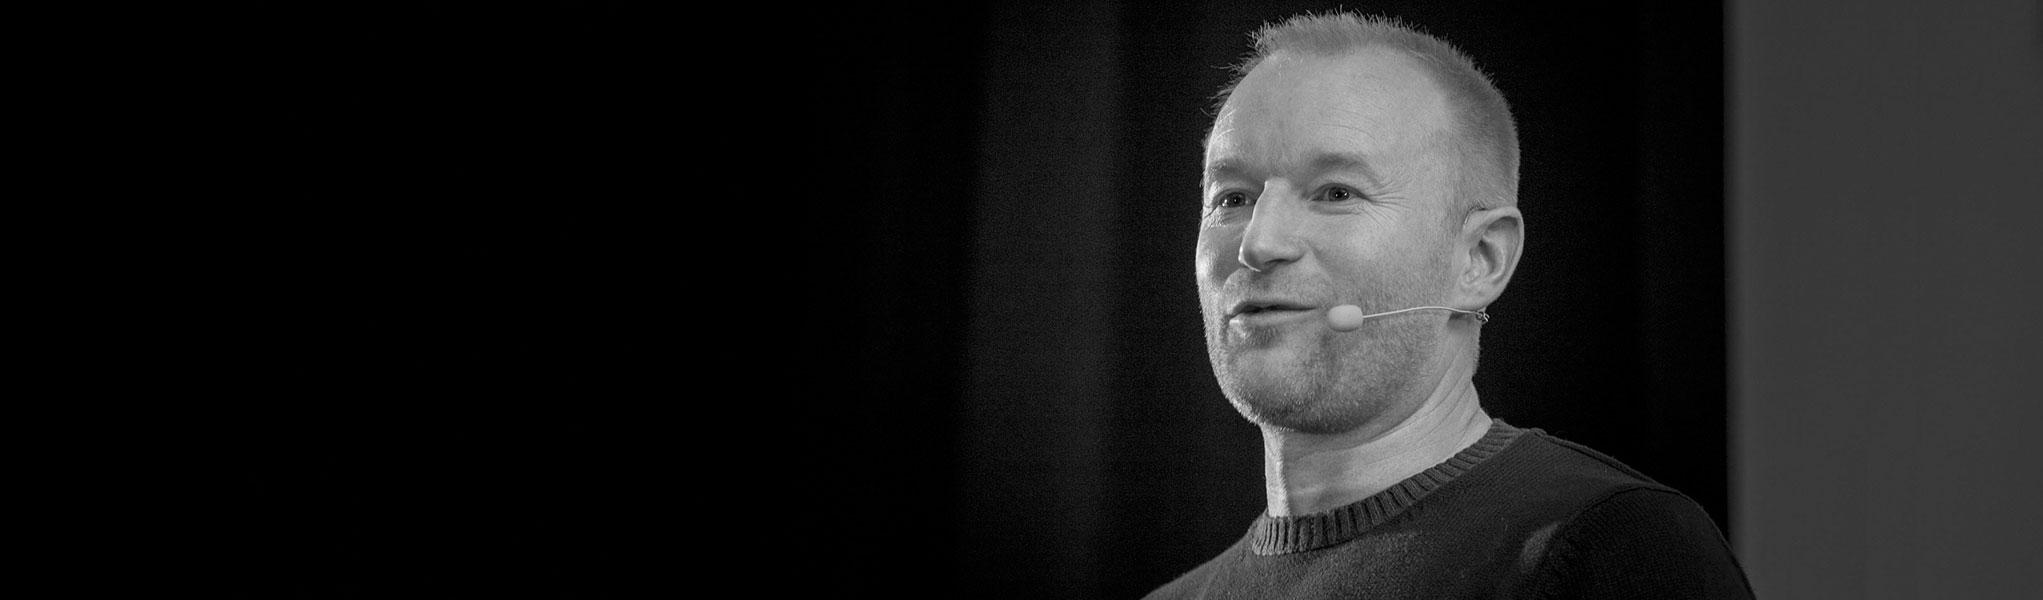 Foredrag med Lars Mogensen